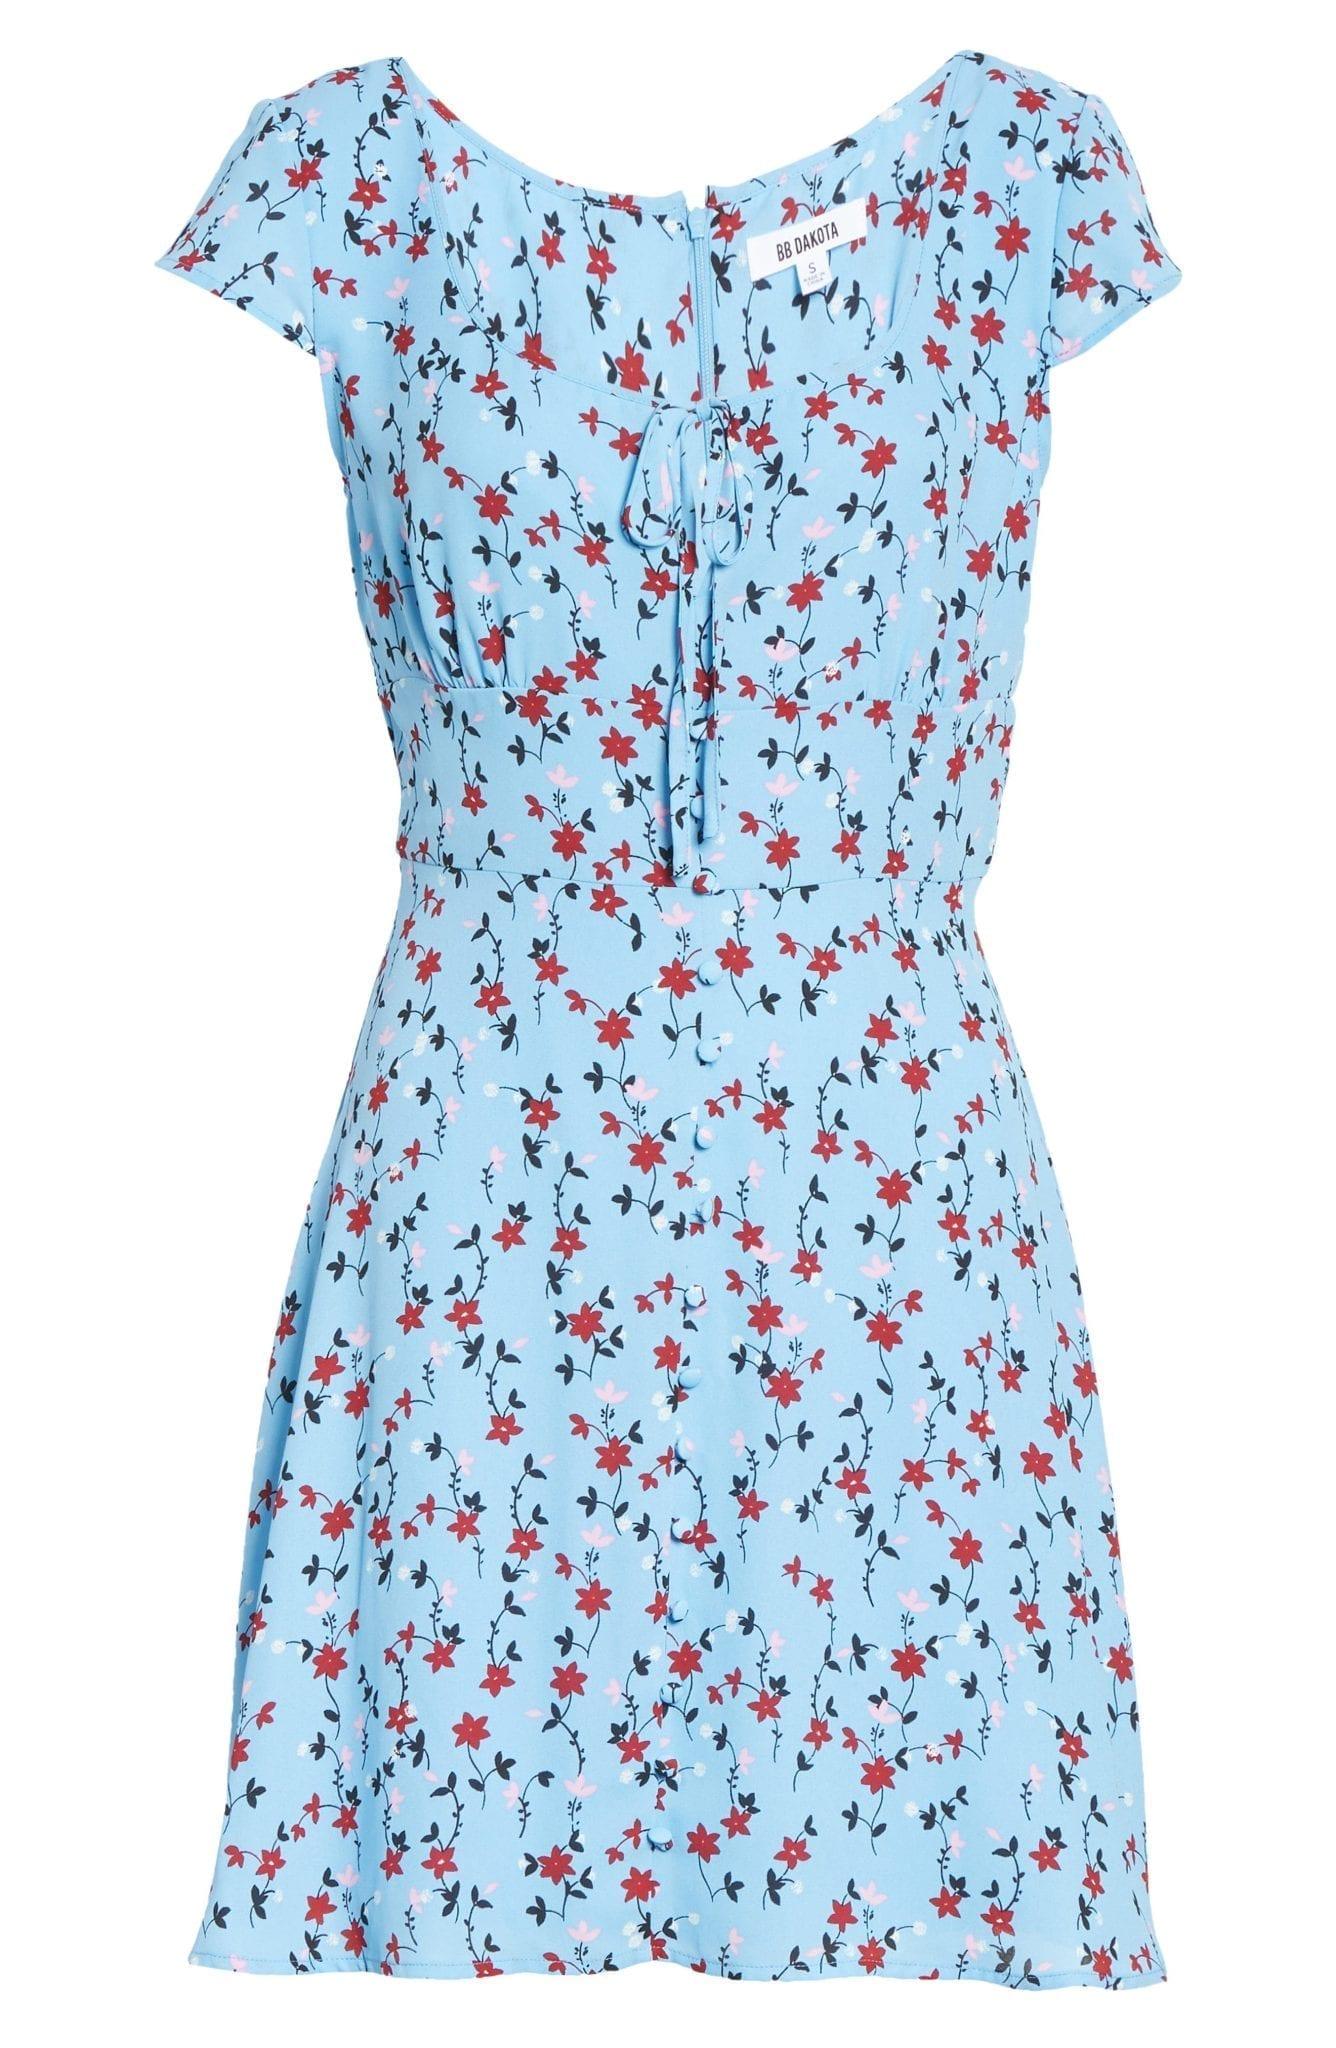 BB DAKOTA La Femme Cali Bloom Mini Dress